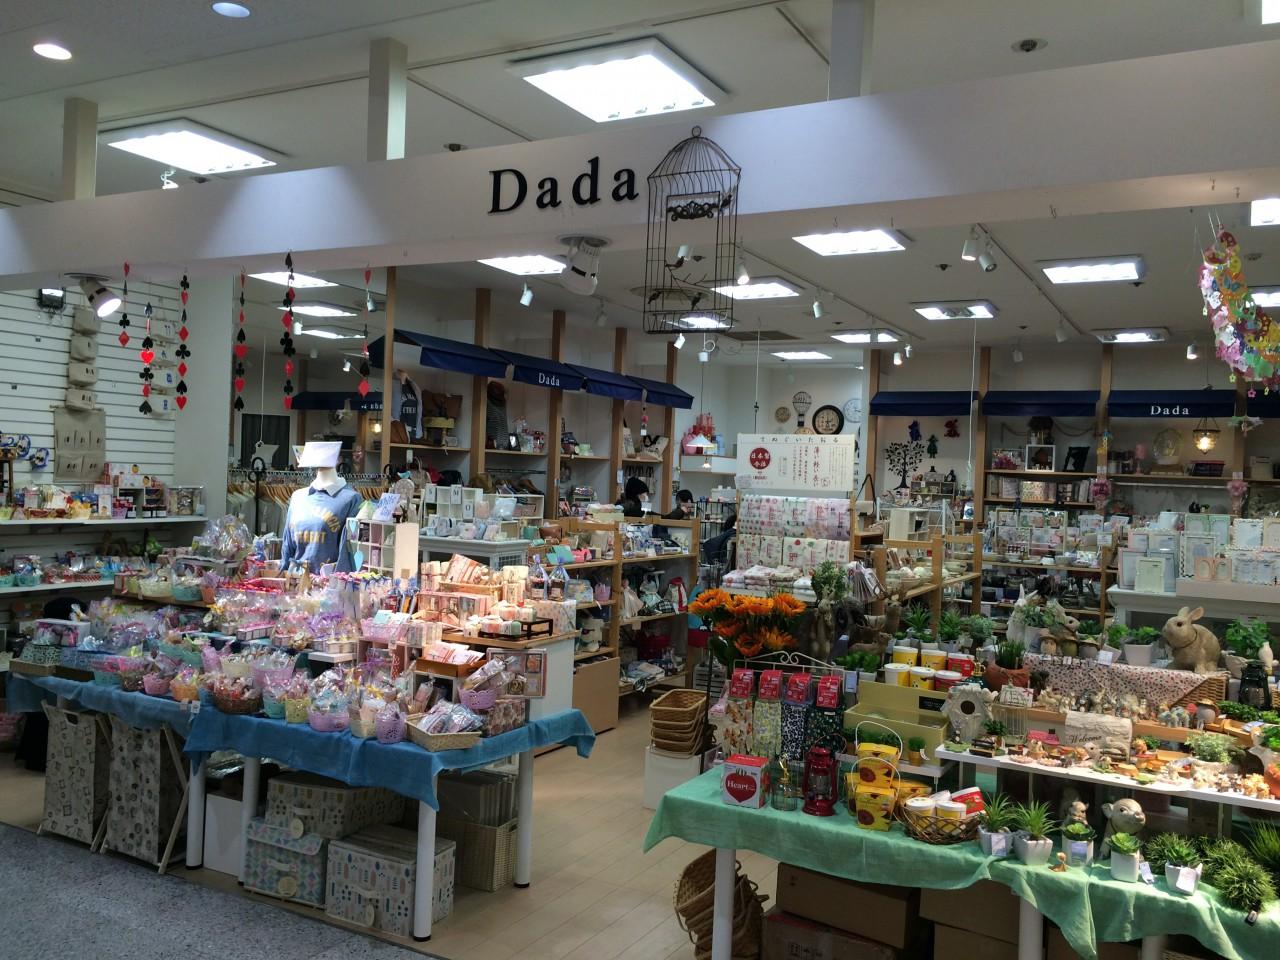 Dada(ダダ)